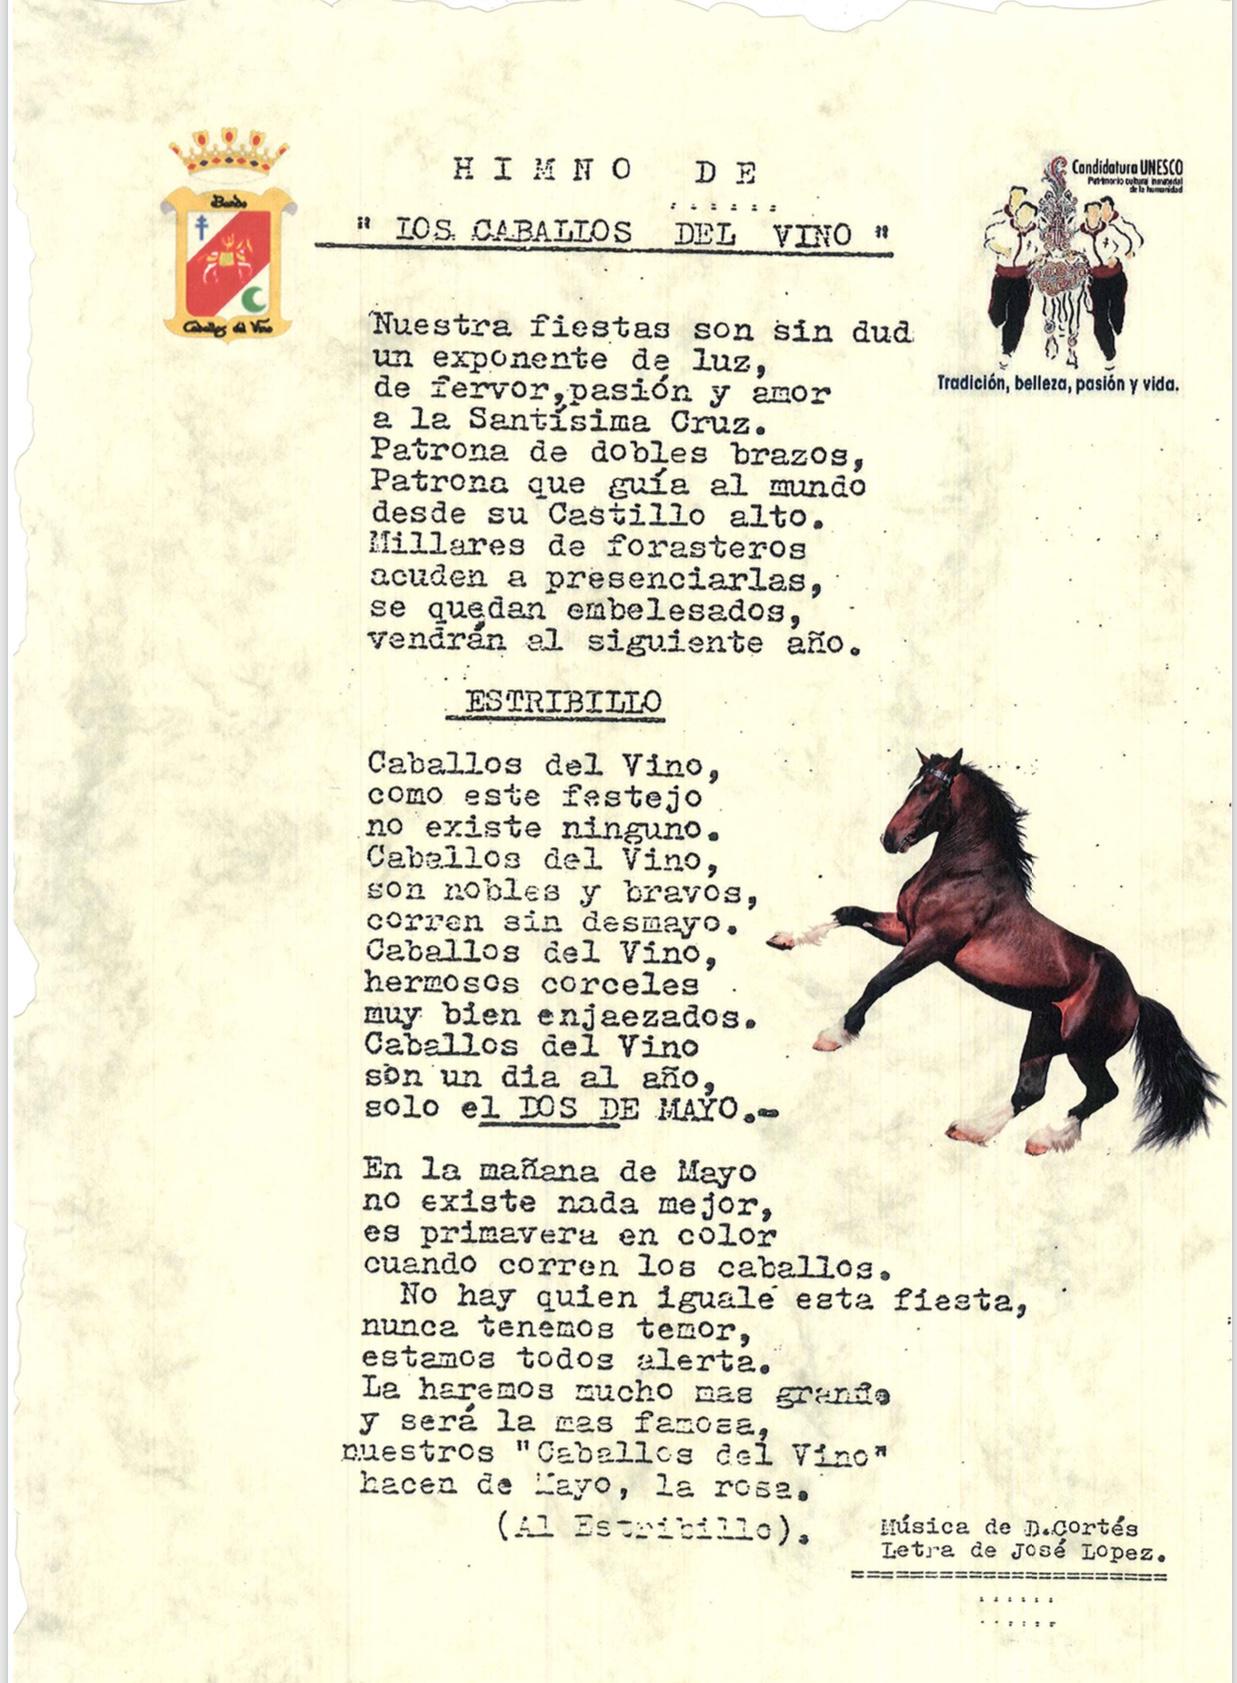 Himno de los Caballos del Vino